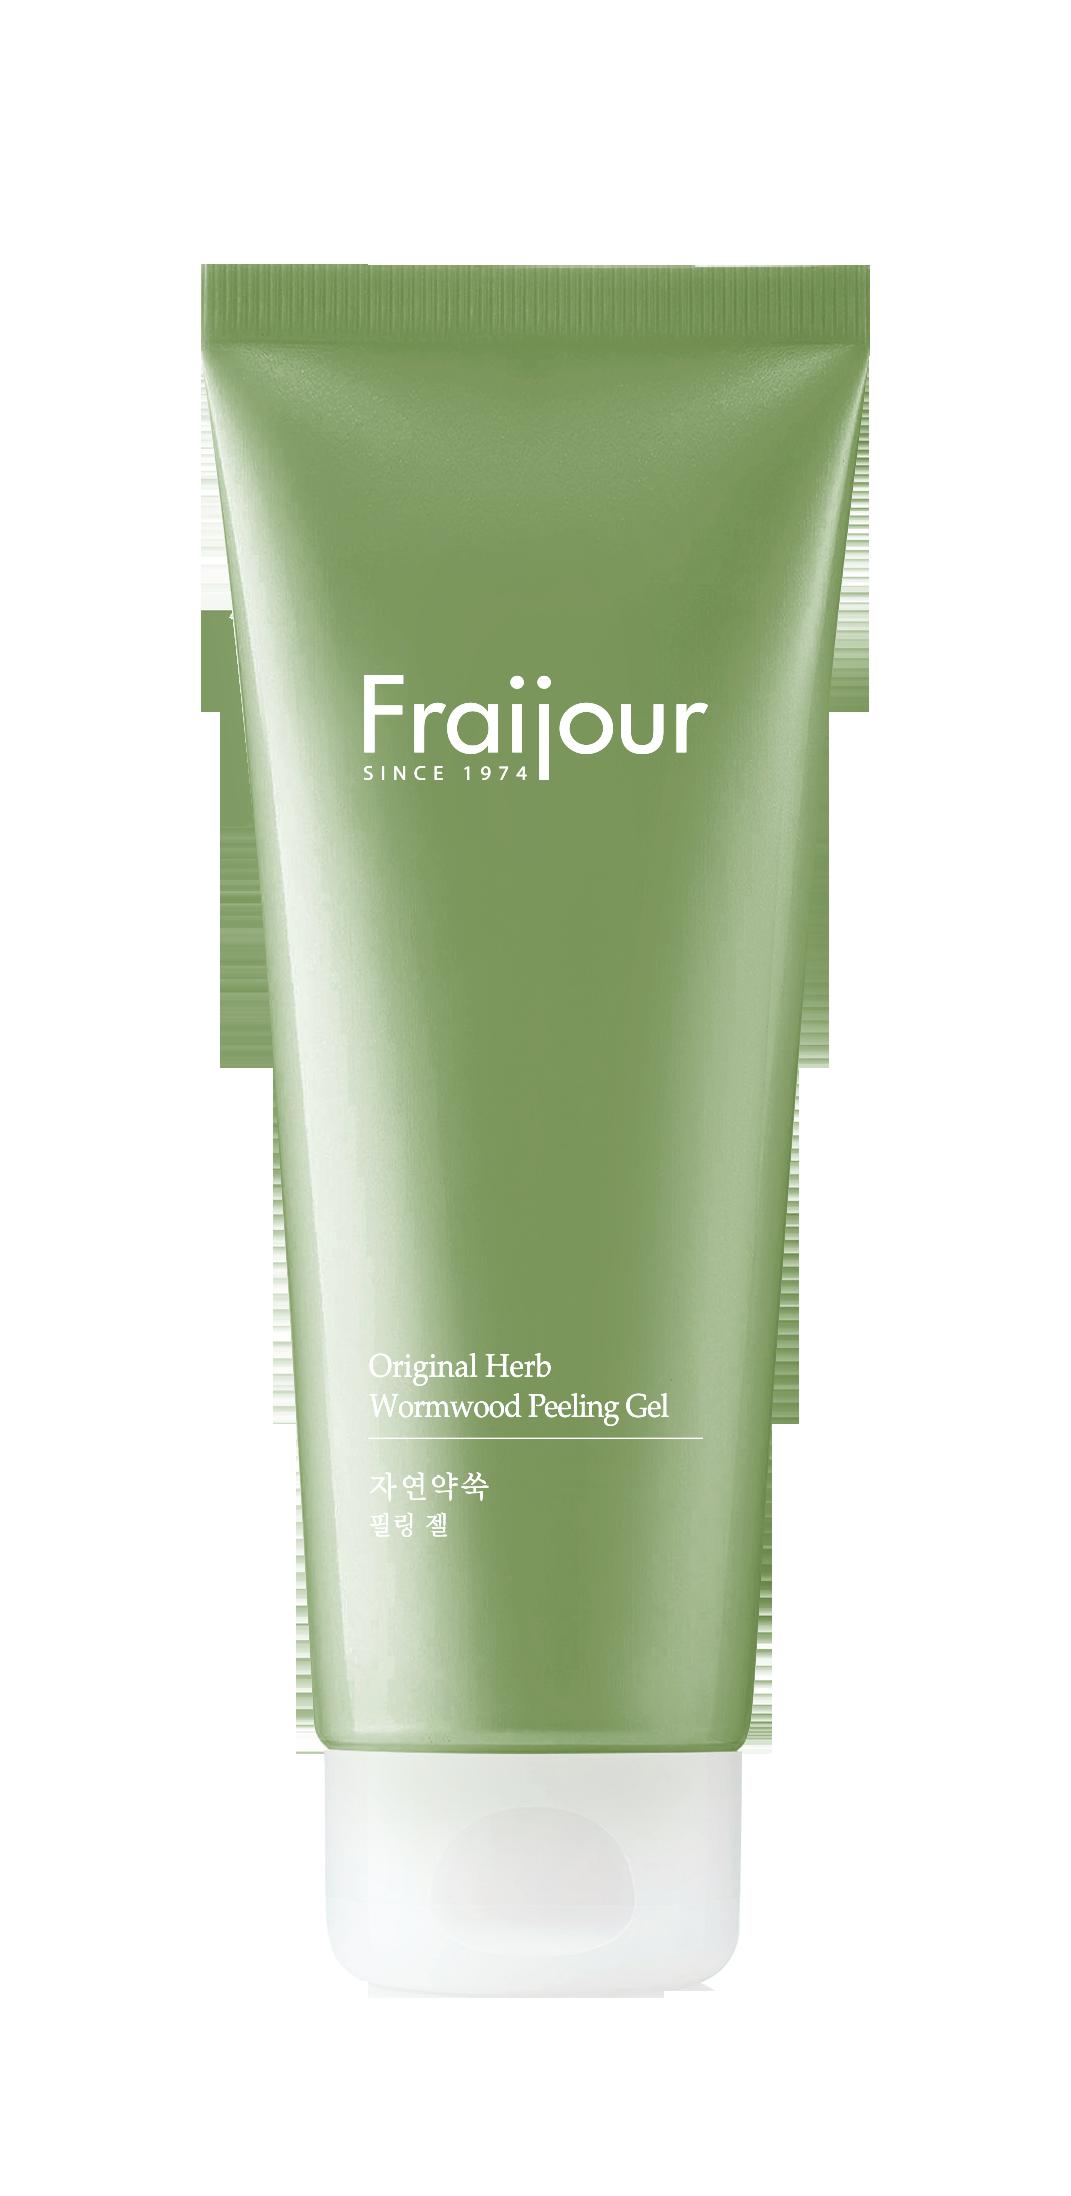 Гель-пилинг для лица Fraijour Original Herb Wormwood Peeling Gel, 150 мл: фото